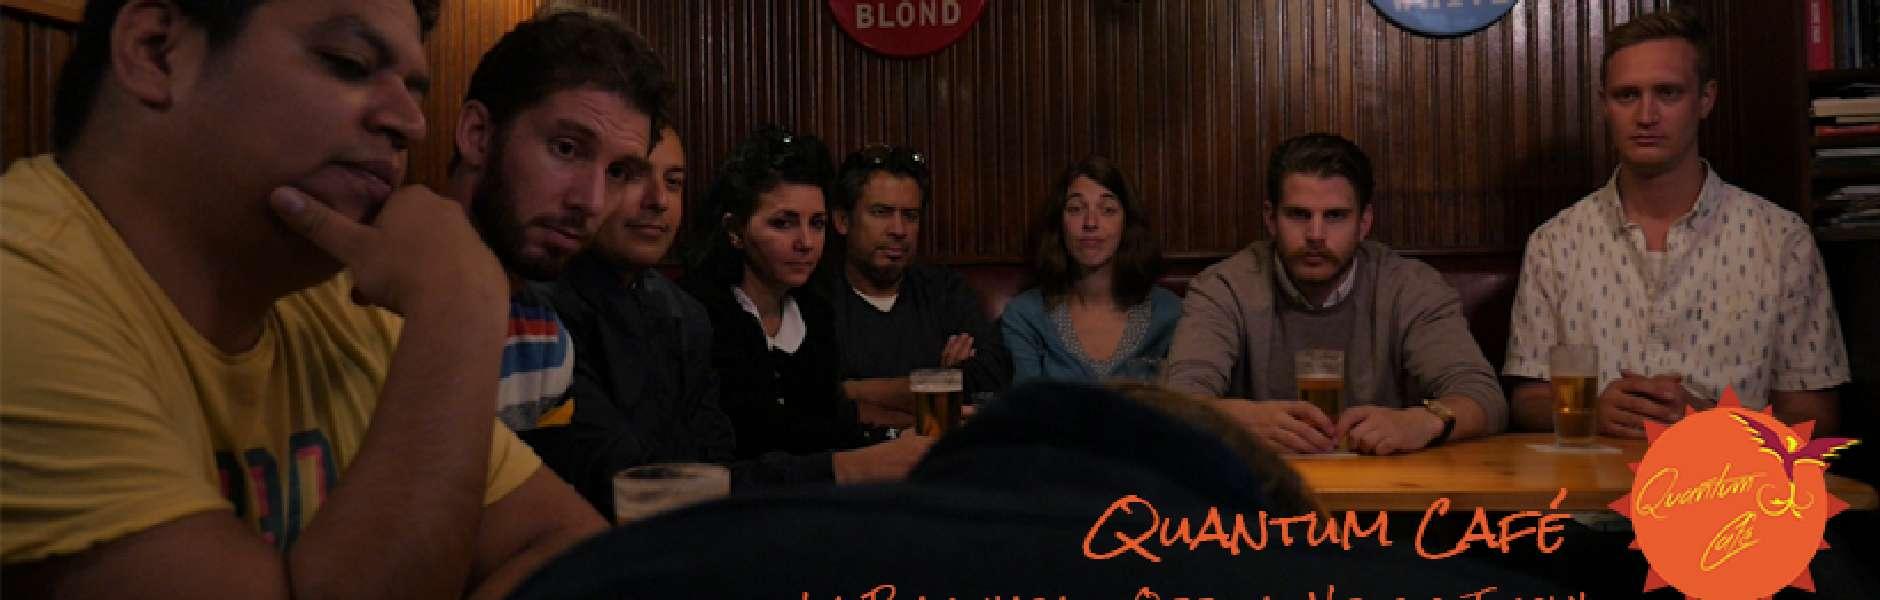 Quantum Café